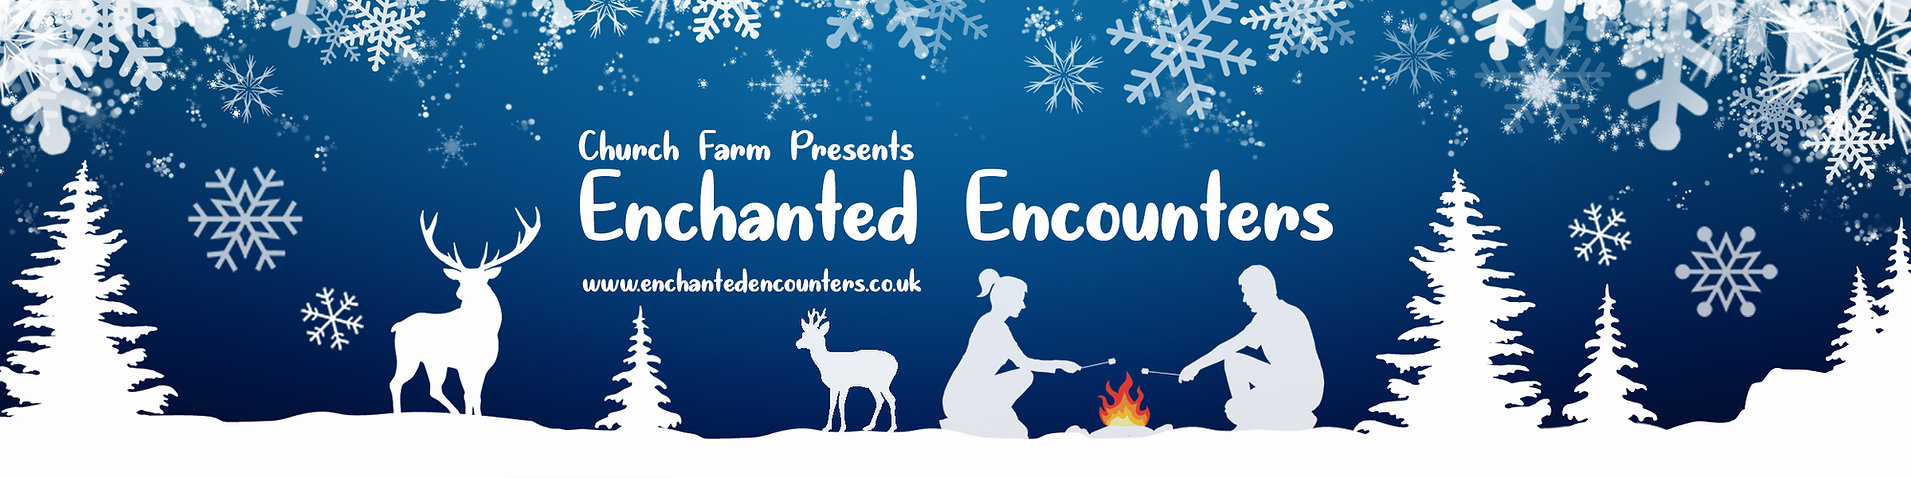 2400_600_enchanted-encounters-v5.jpg